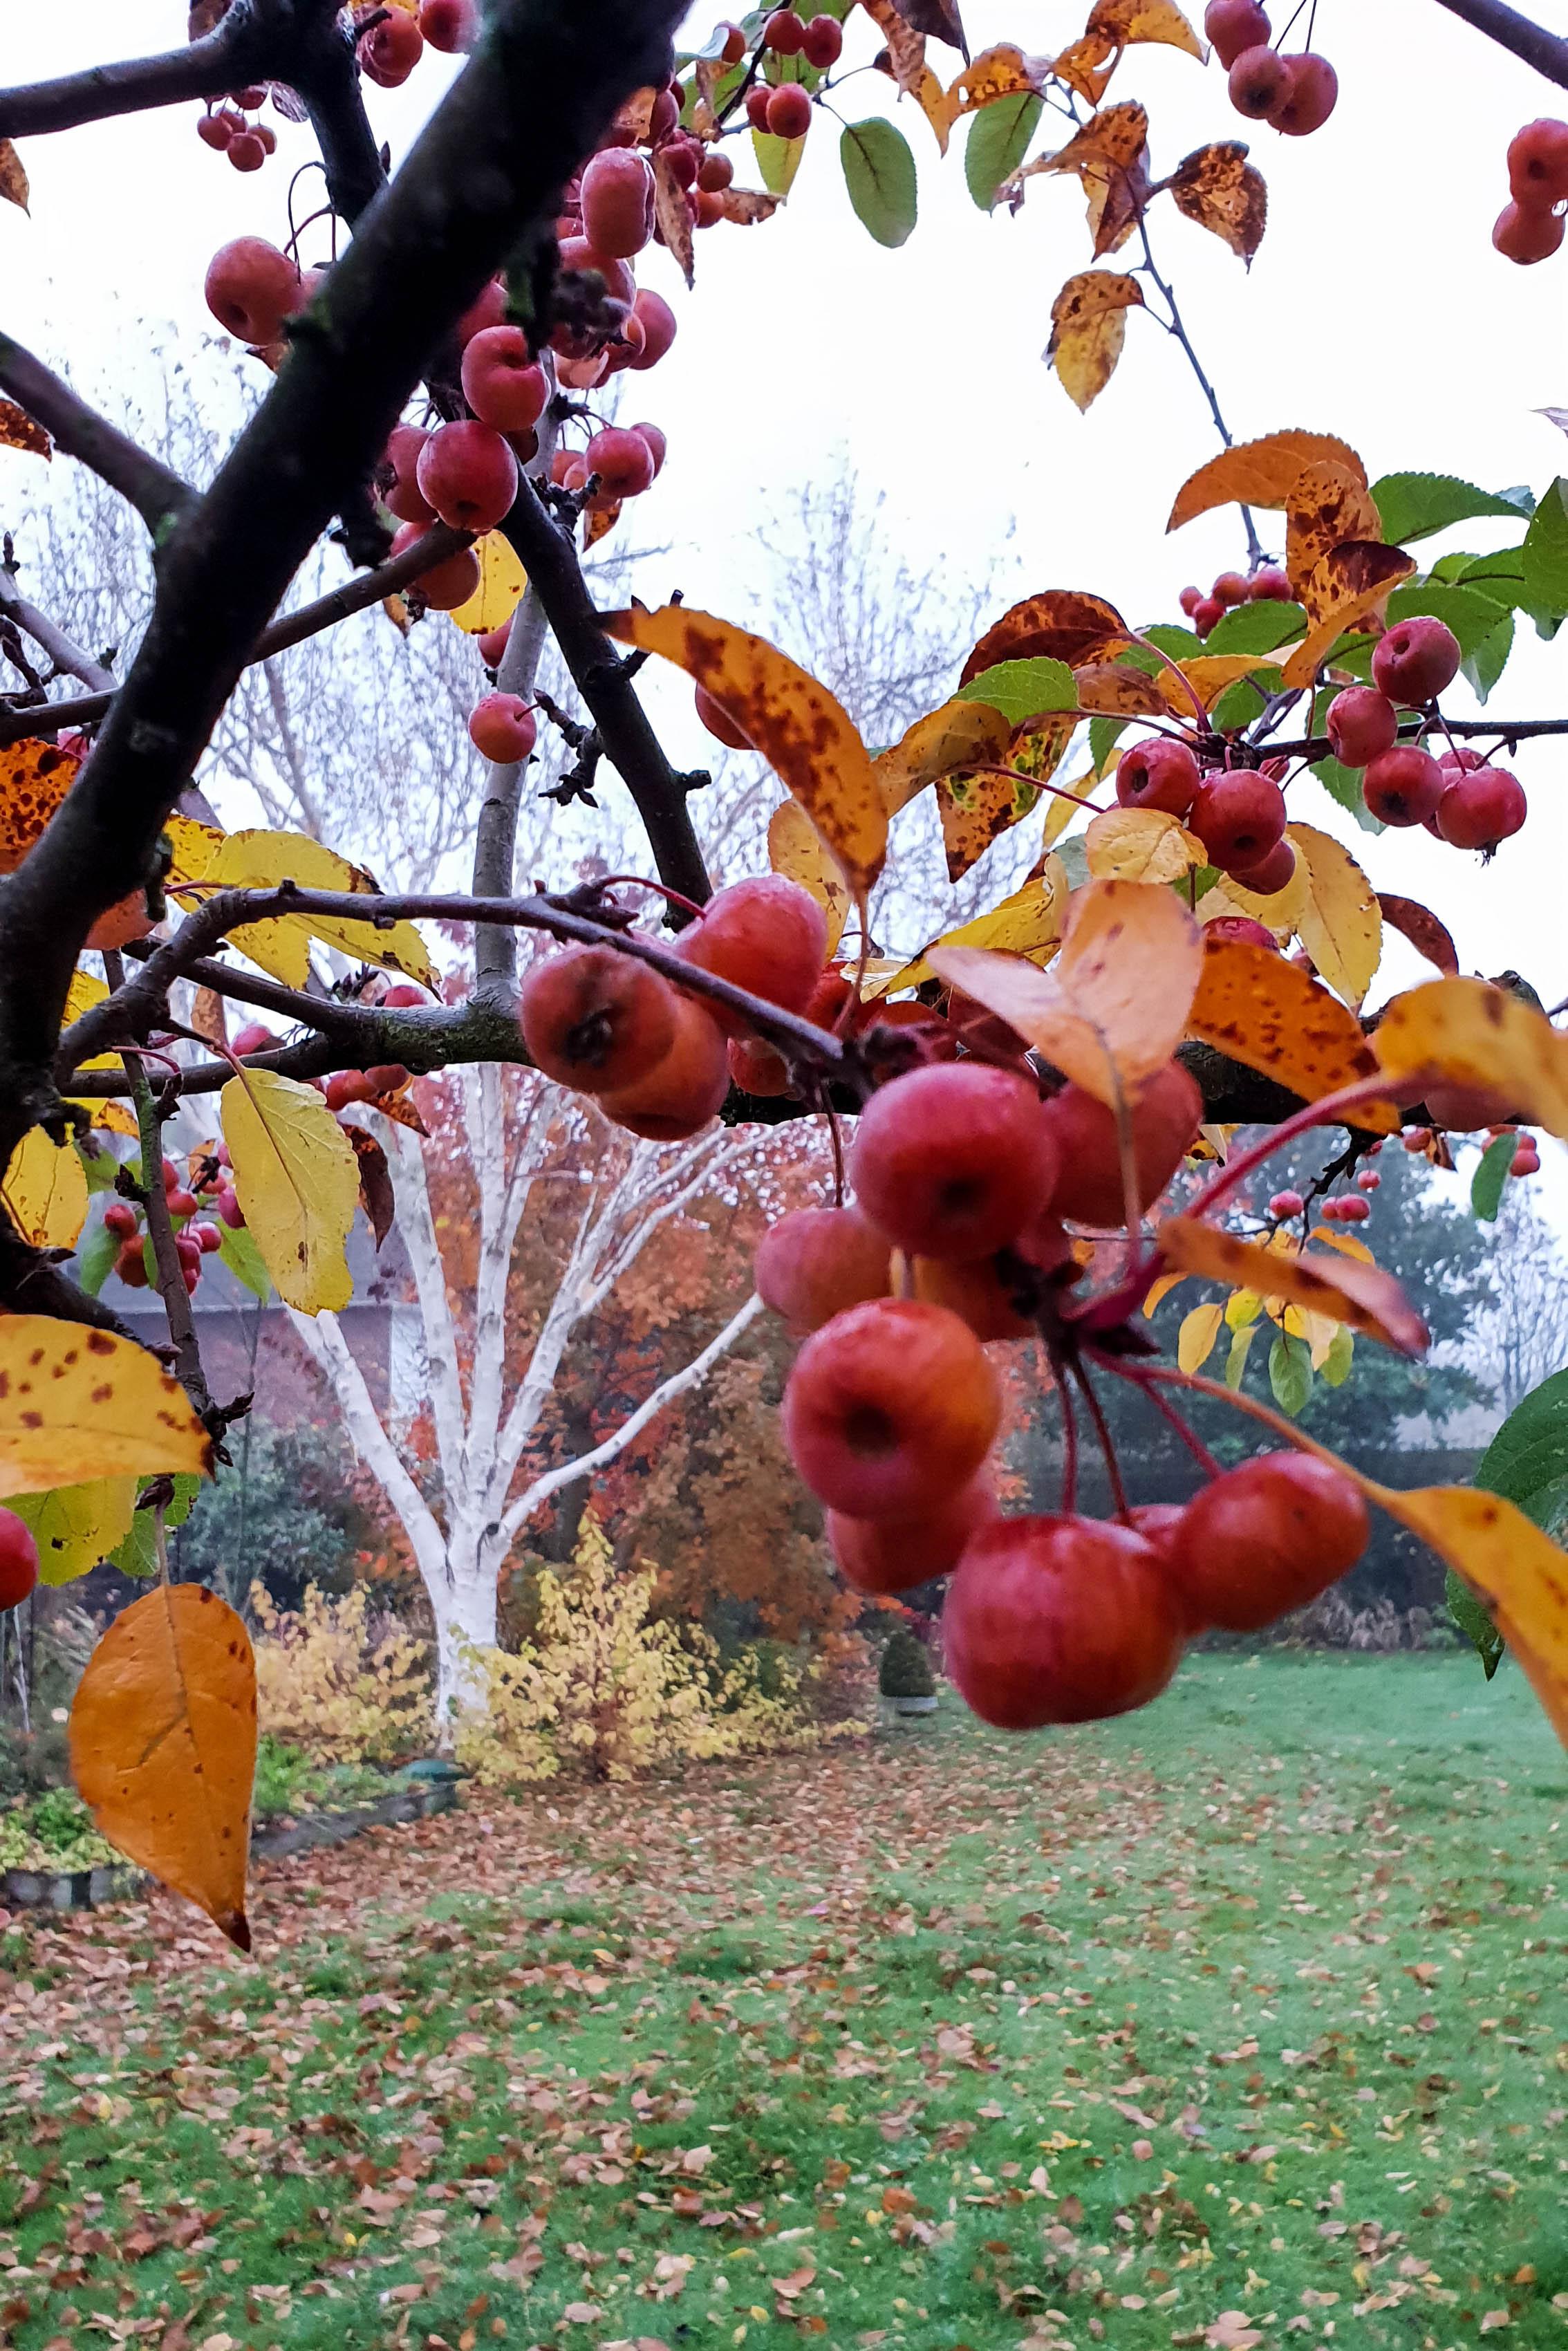 Silver birch is a striking tree